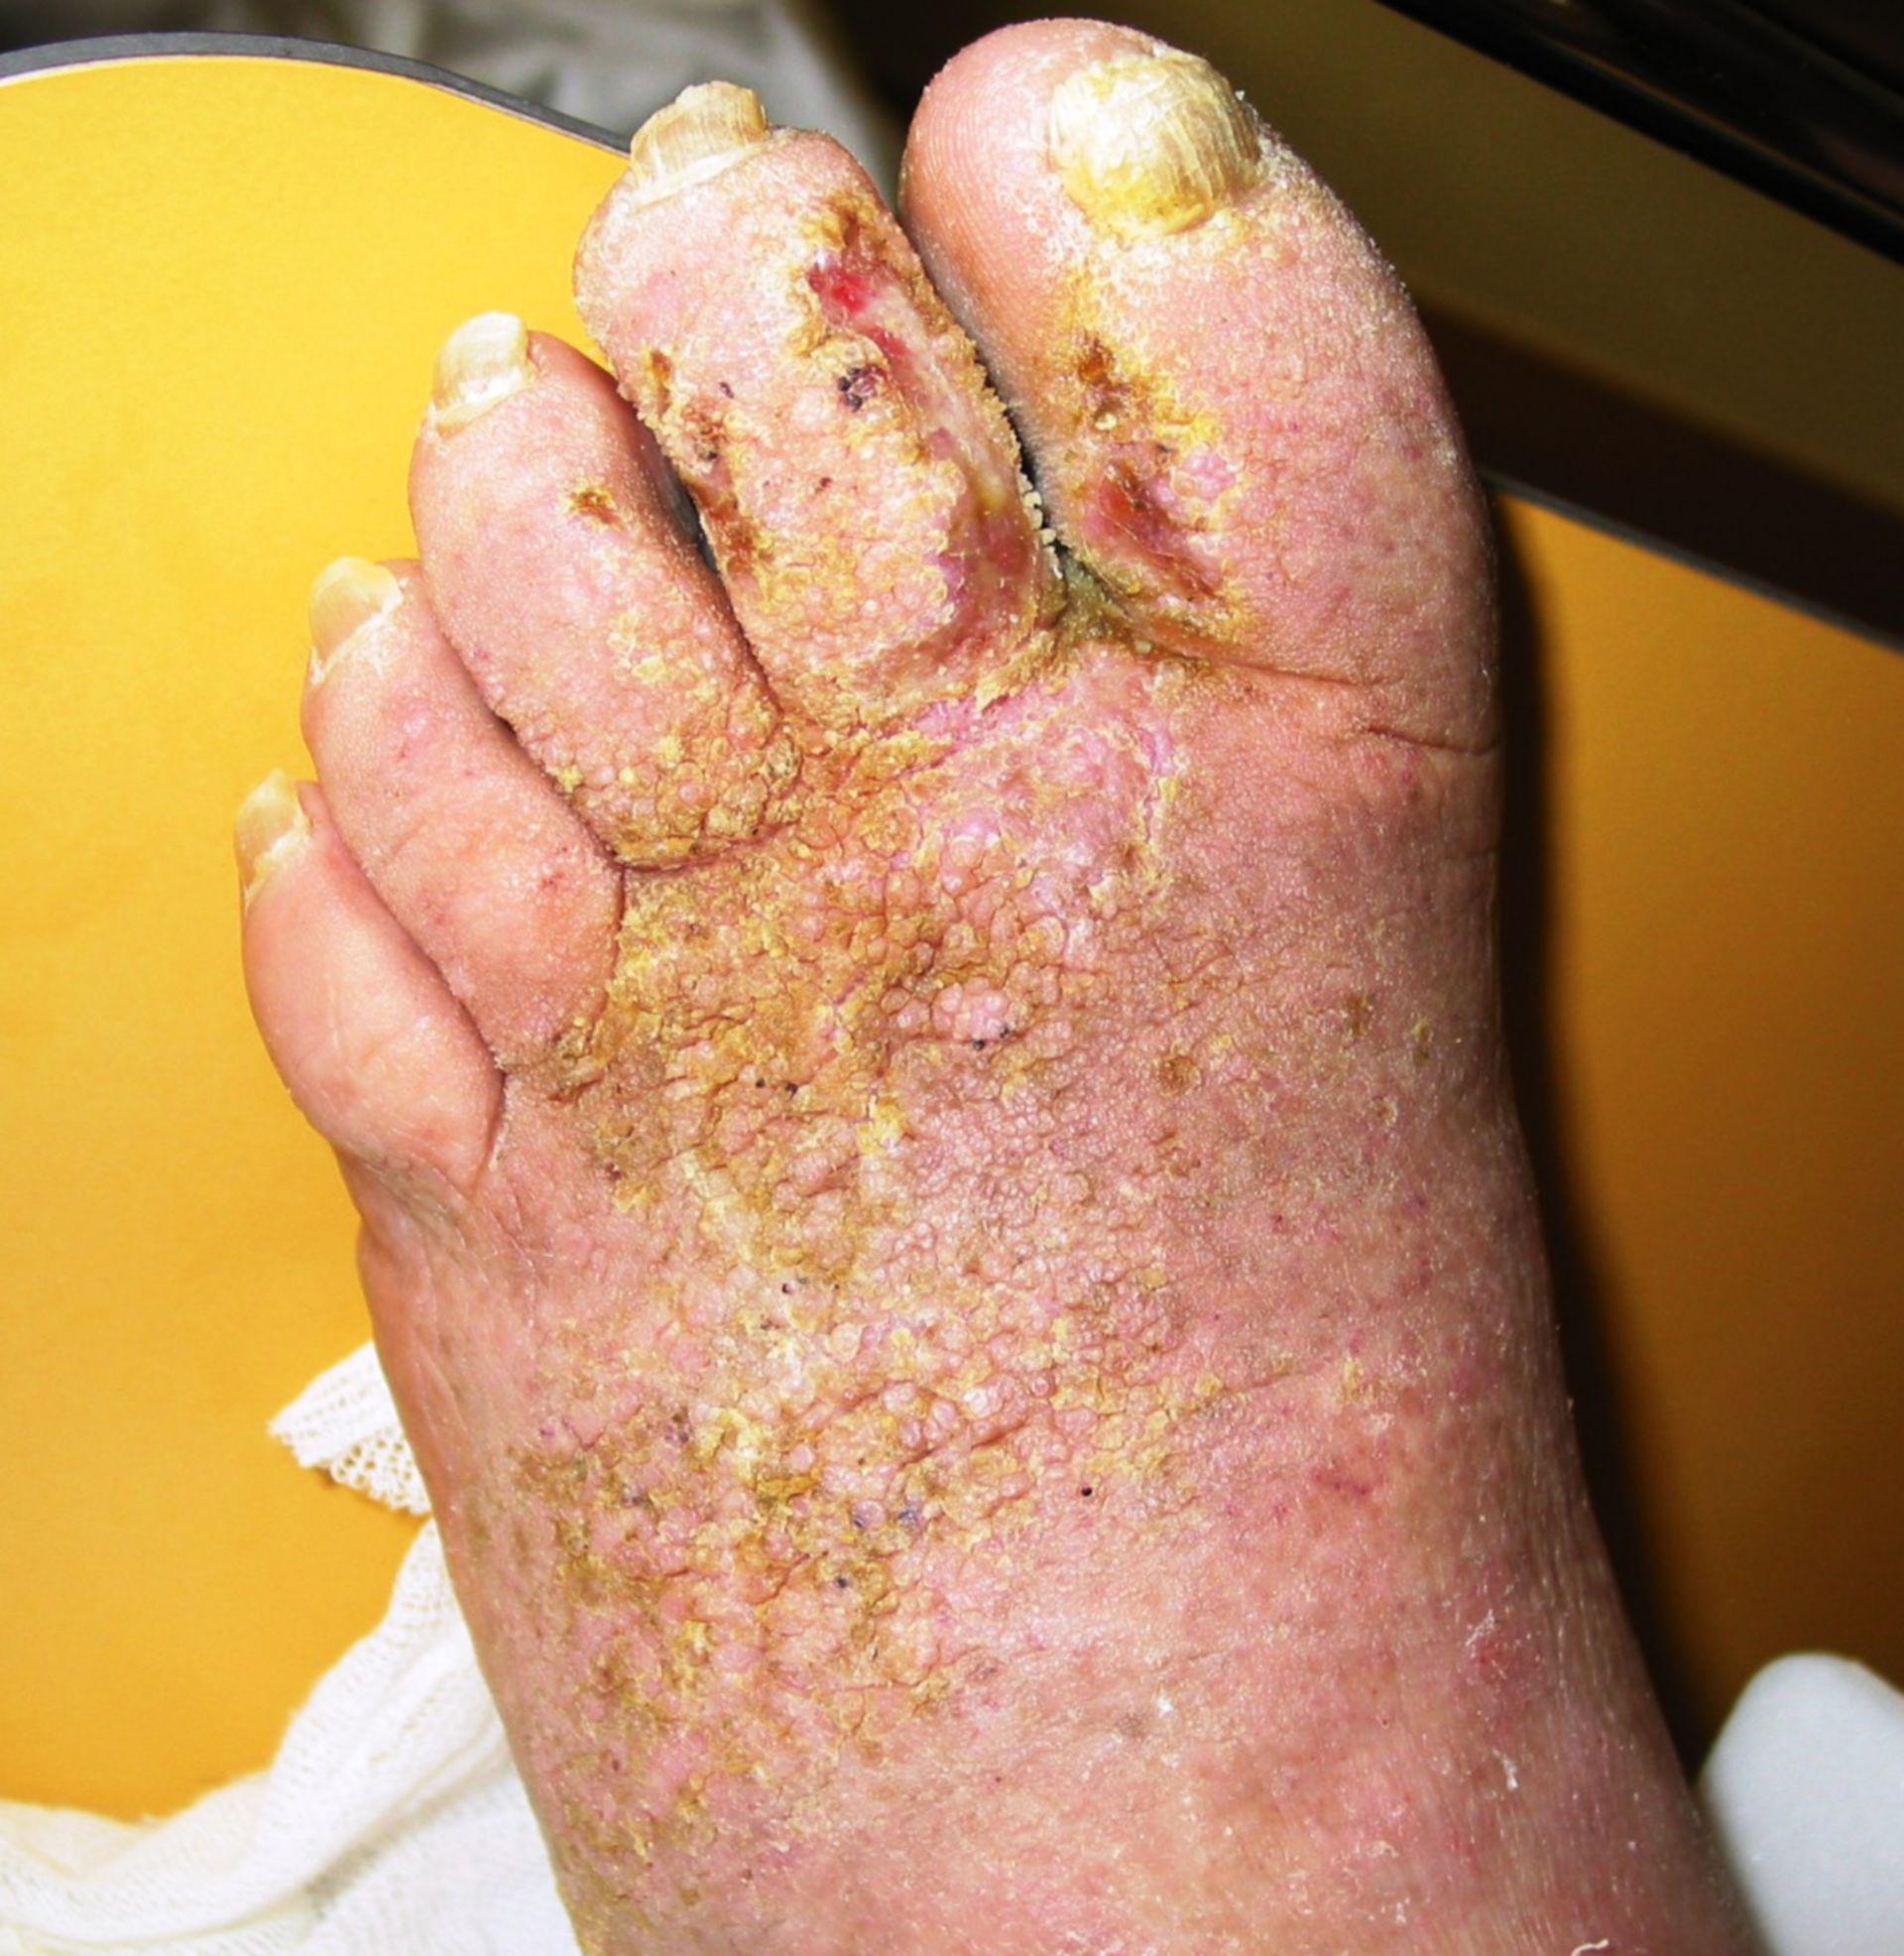 Hyperkeratose-Pilzbefall- Superinfektion